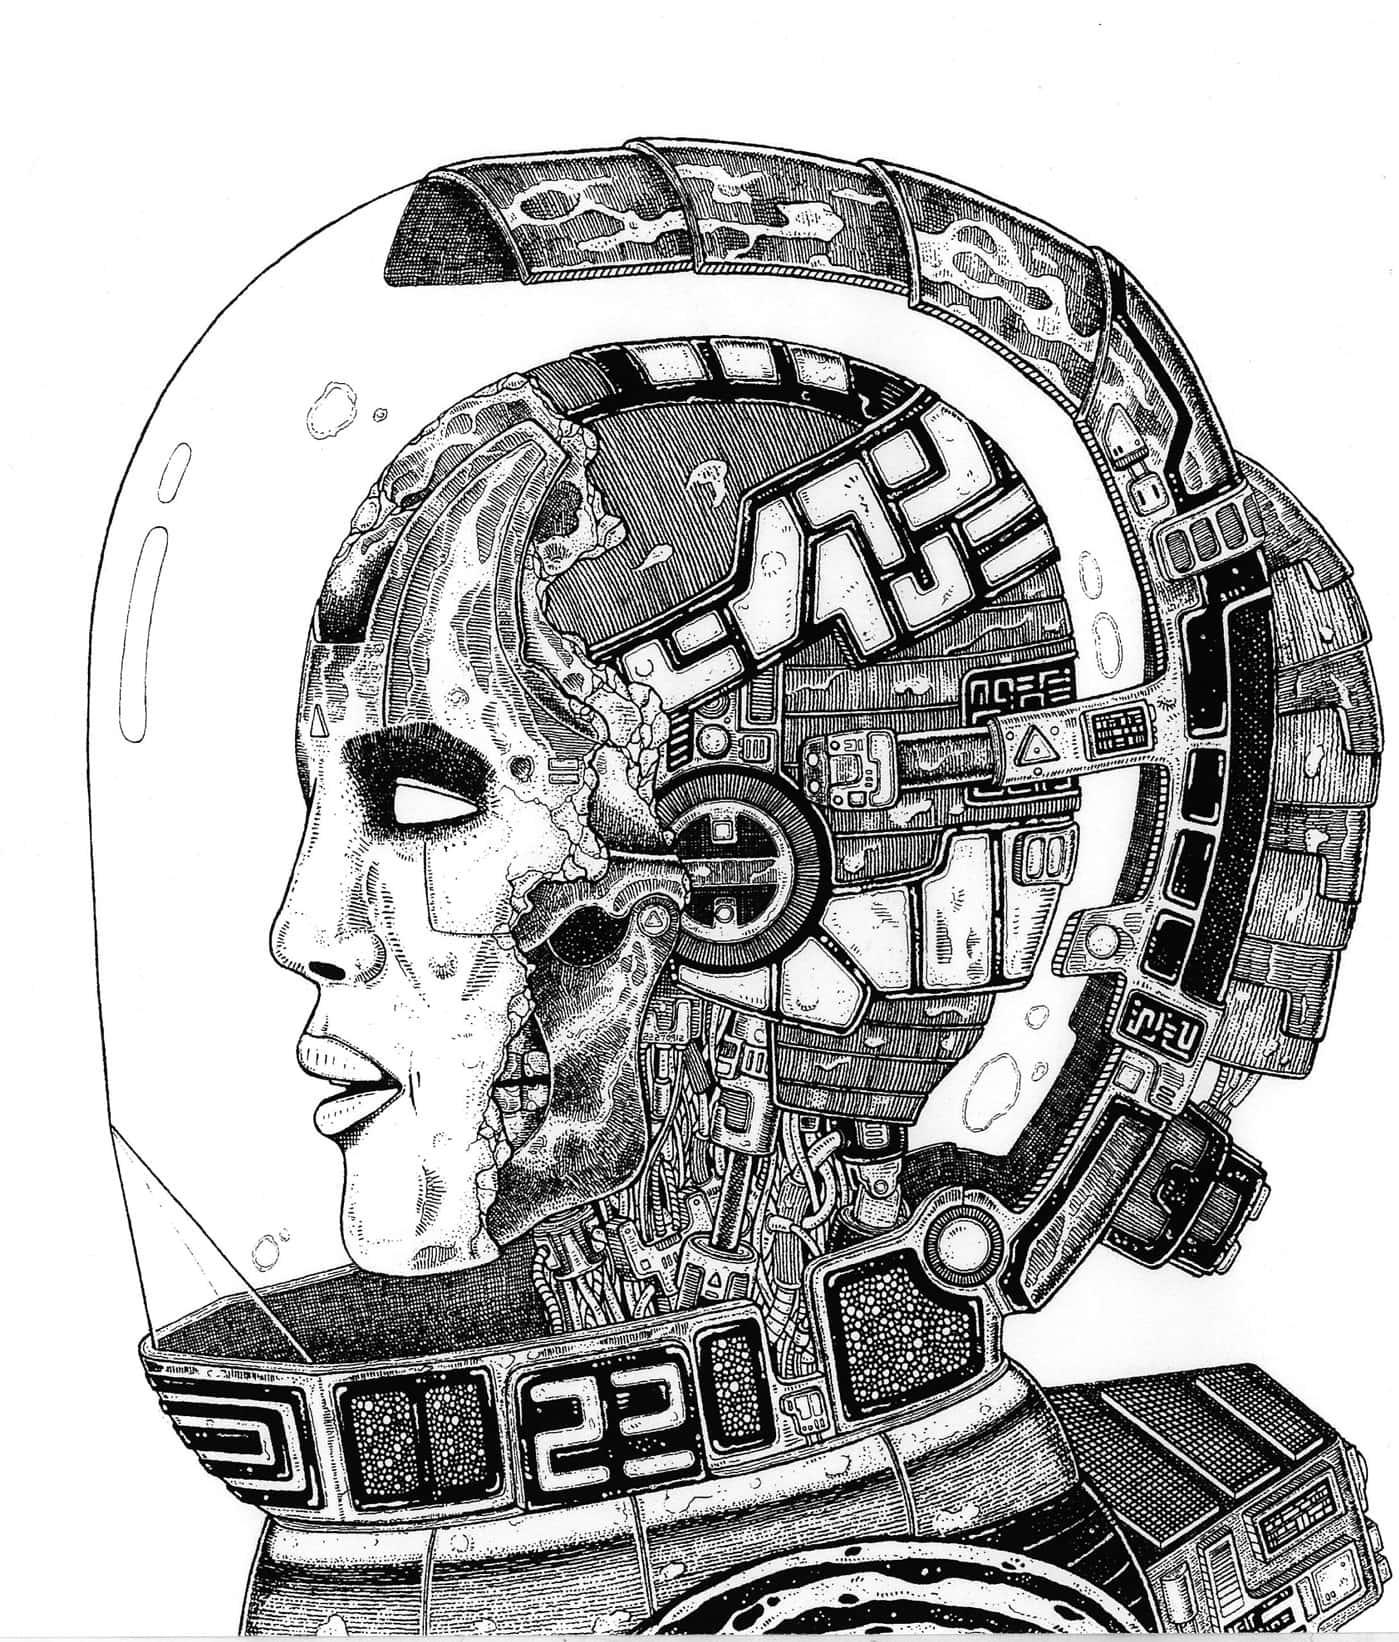 Art by Jaime Valderrama